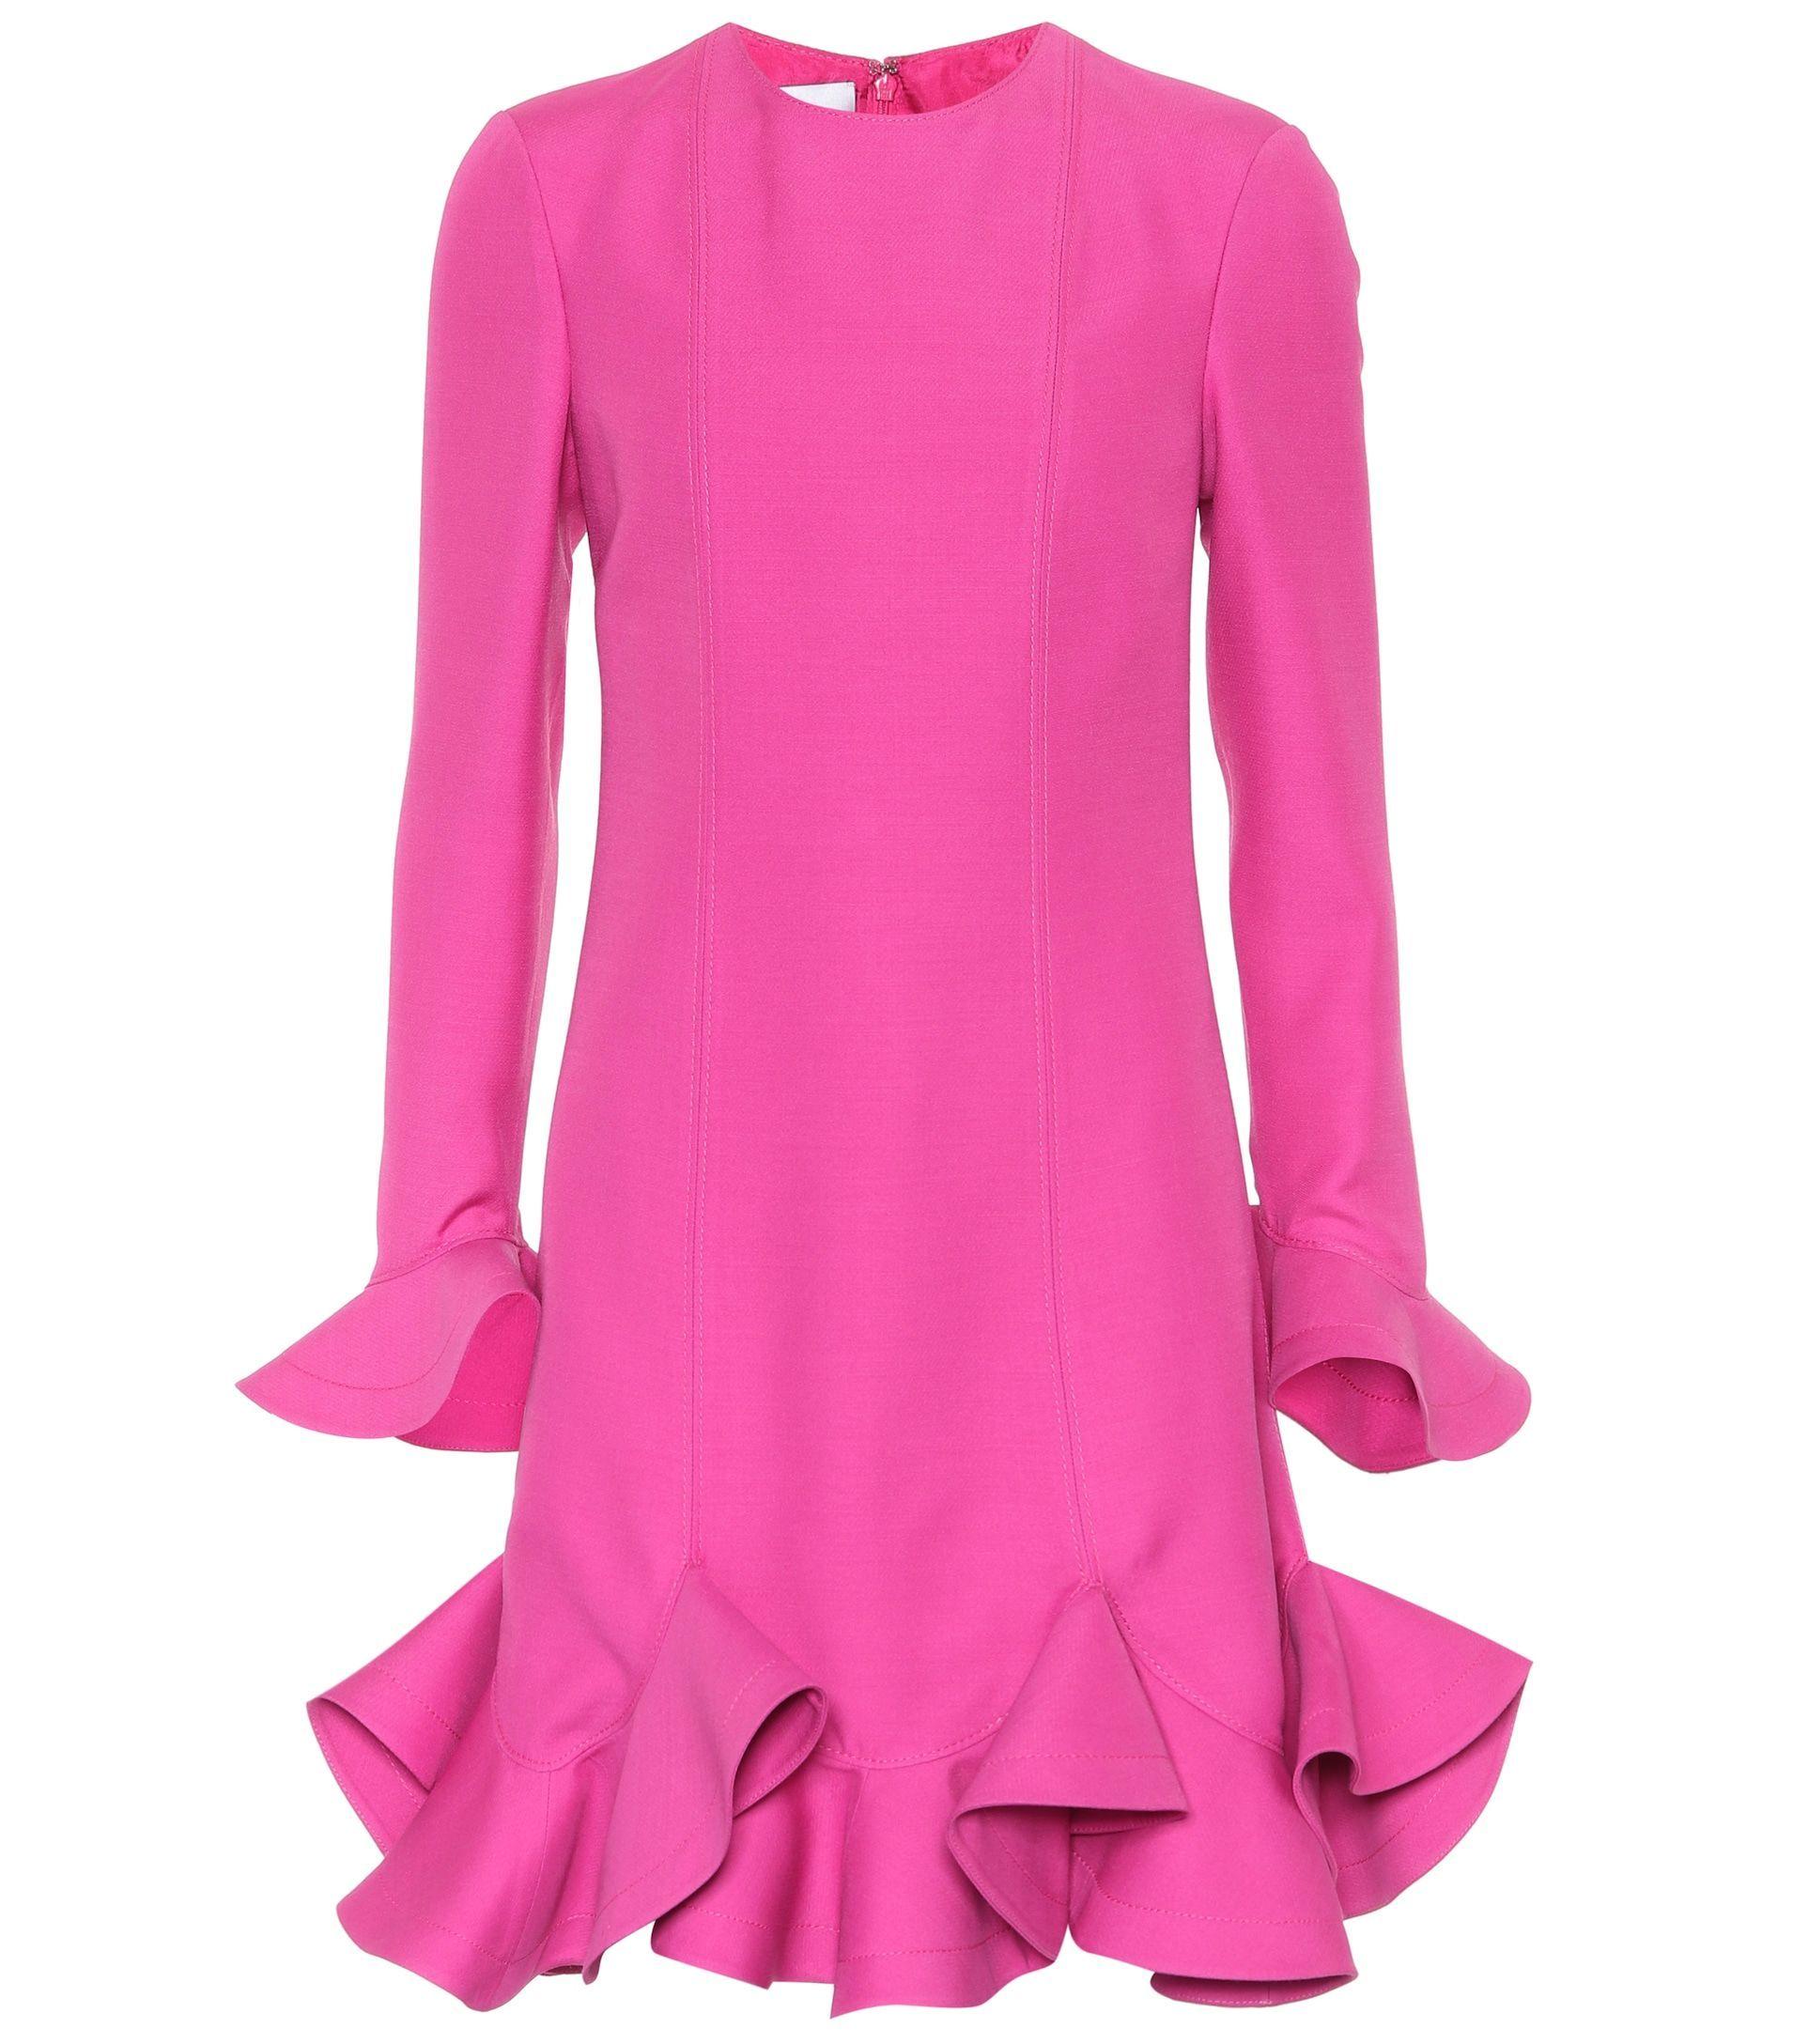 Modetrend: Pinke Kleider sind das neue kleine Schwarze!  Modestil